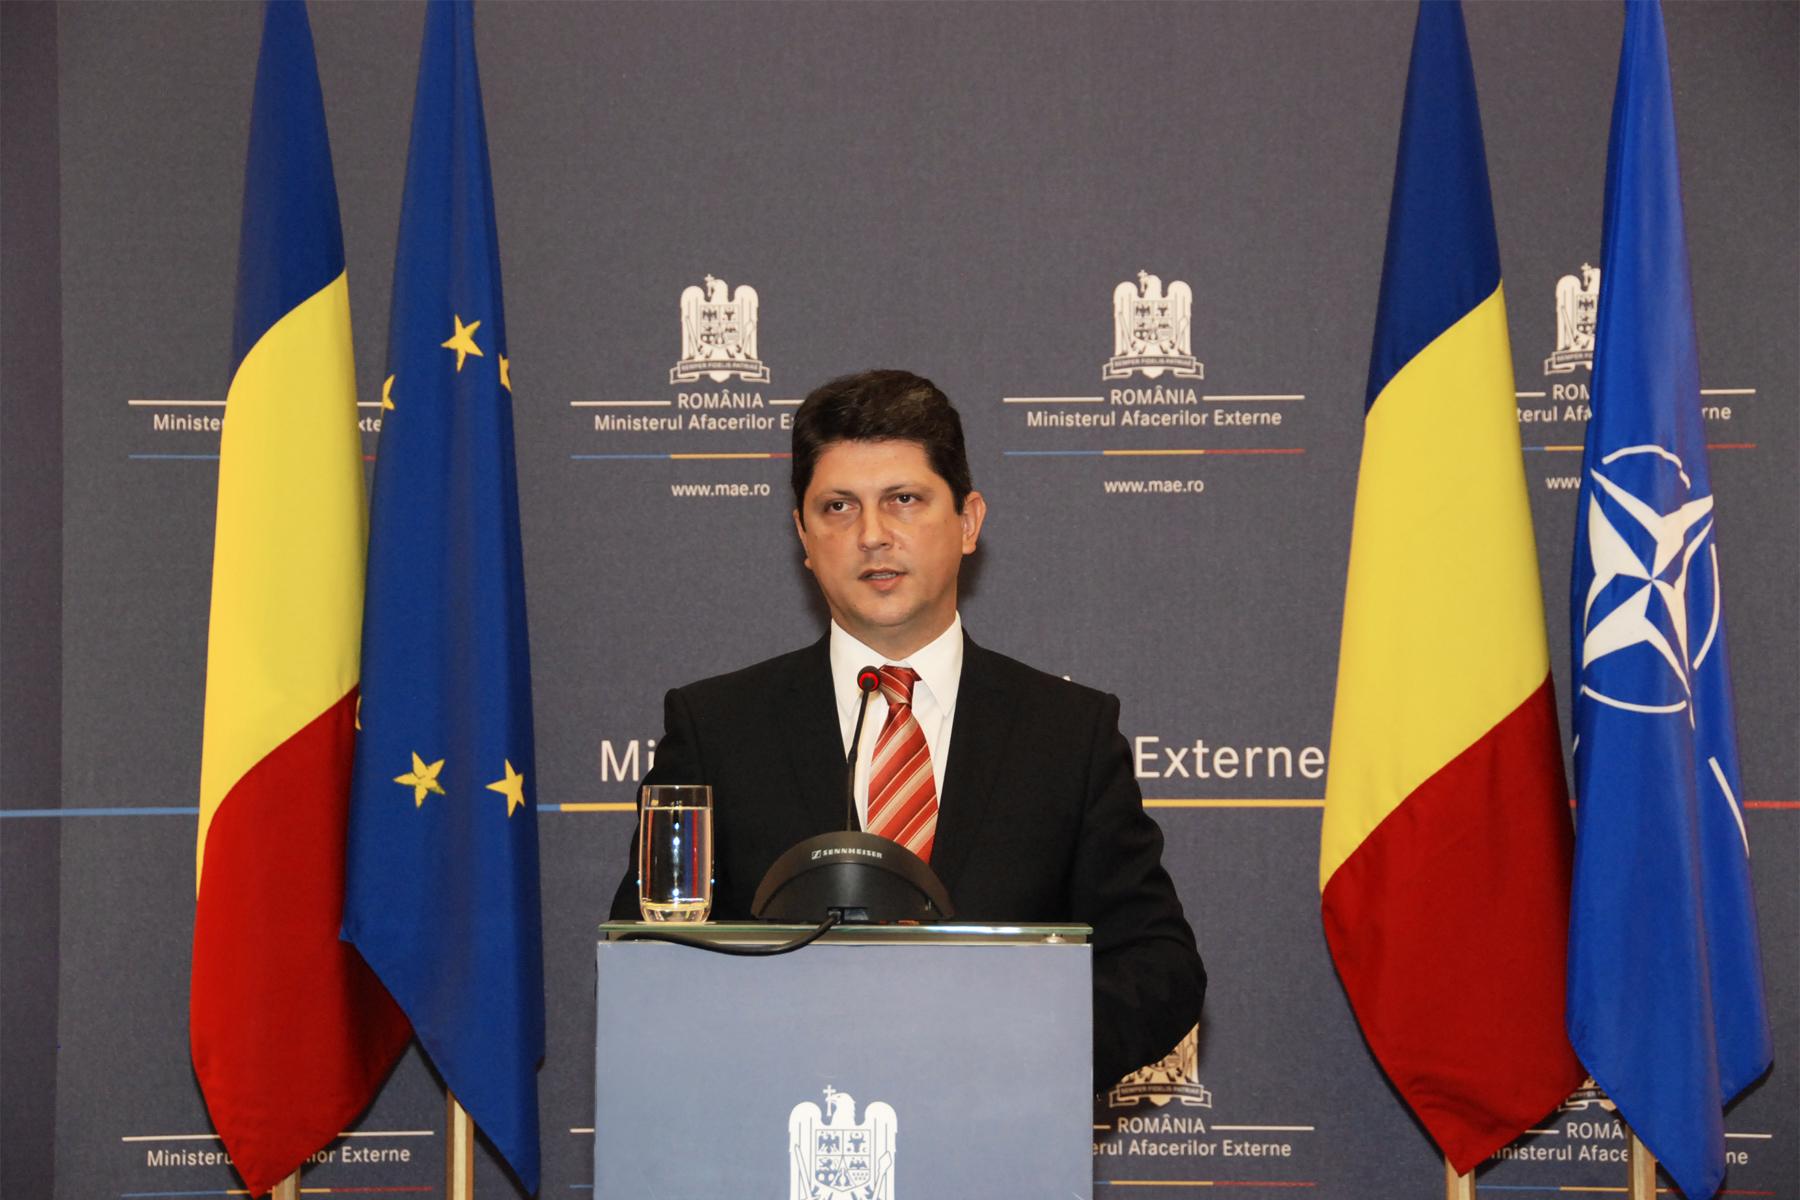 Titus Corlatean - Ministrul Afacerilor Externe al Romaniei